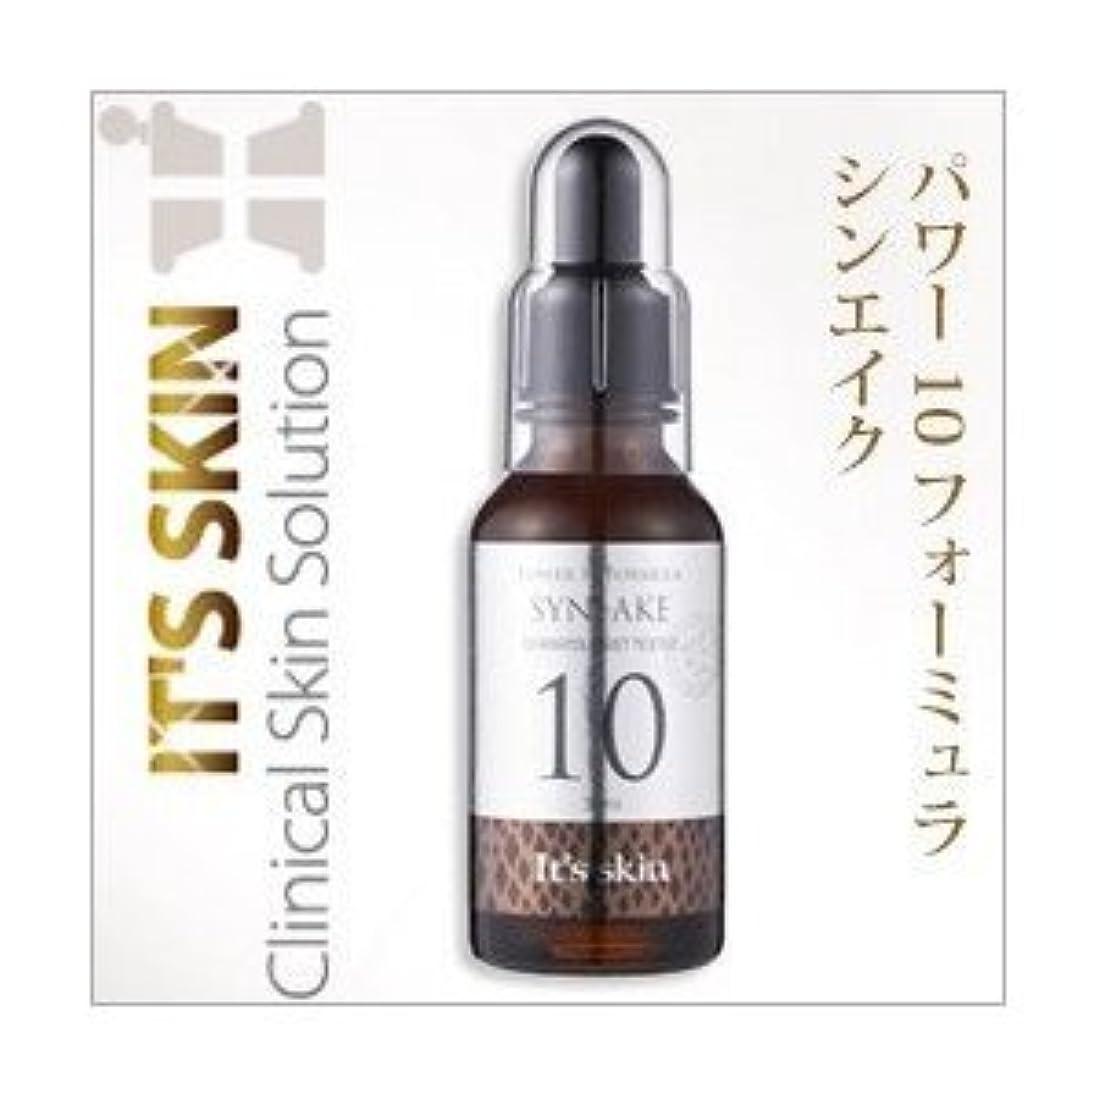 パステルスイ収束するIt's skin/イッツスキン power 10 formula SYN-AKE パワー 10 フォーミュラ シンエイク (毒ヘビ) 30ml